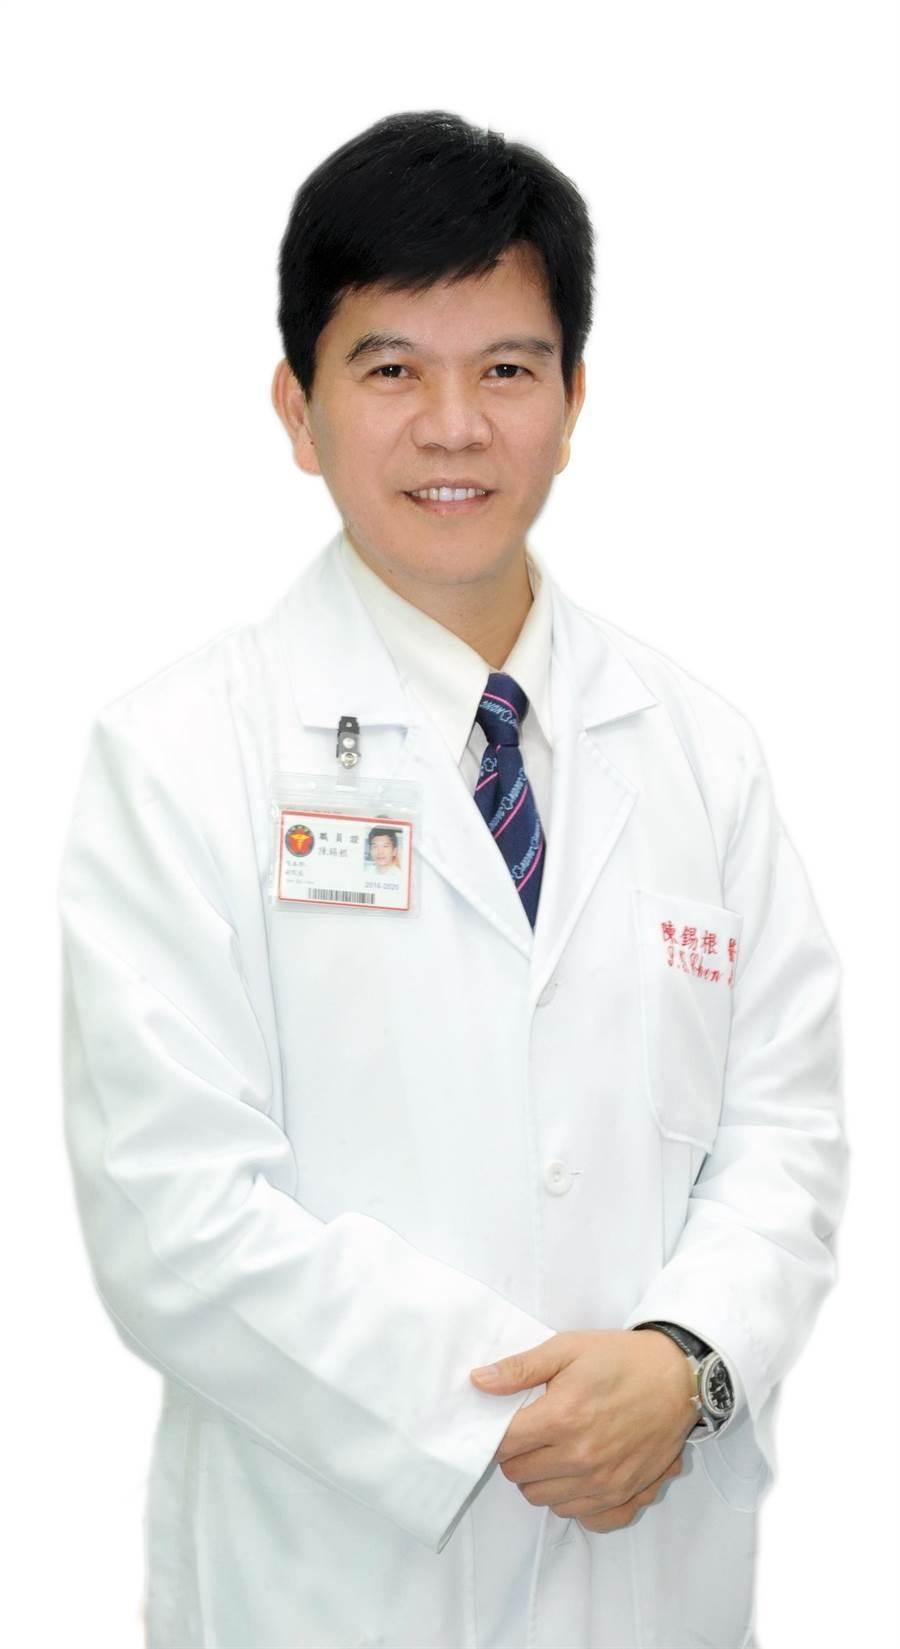 三總陳錫根醫師以專業外科醫術,讓病患重拾自信及生活品質。圖/陳錫根醫師提供